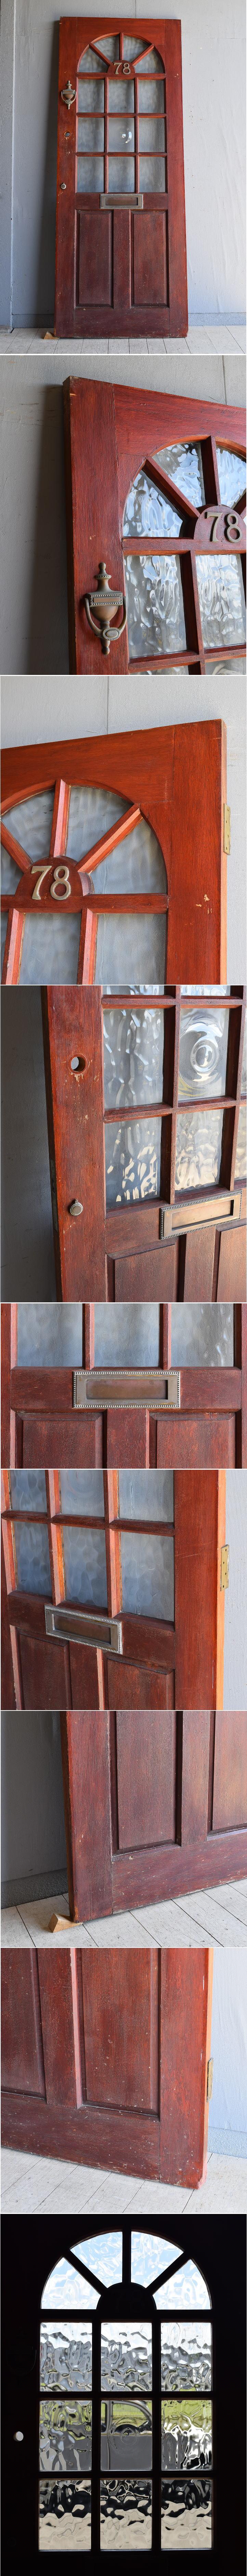 イギリス アンティーク ドア 扉 建具 8028